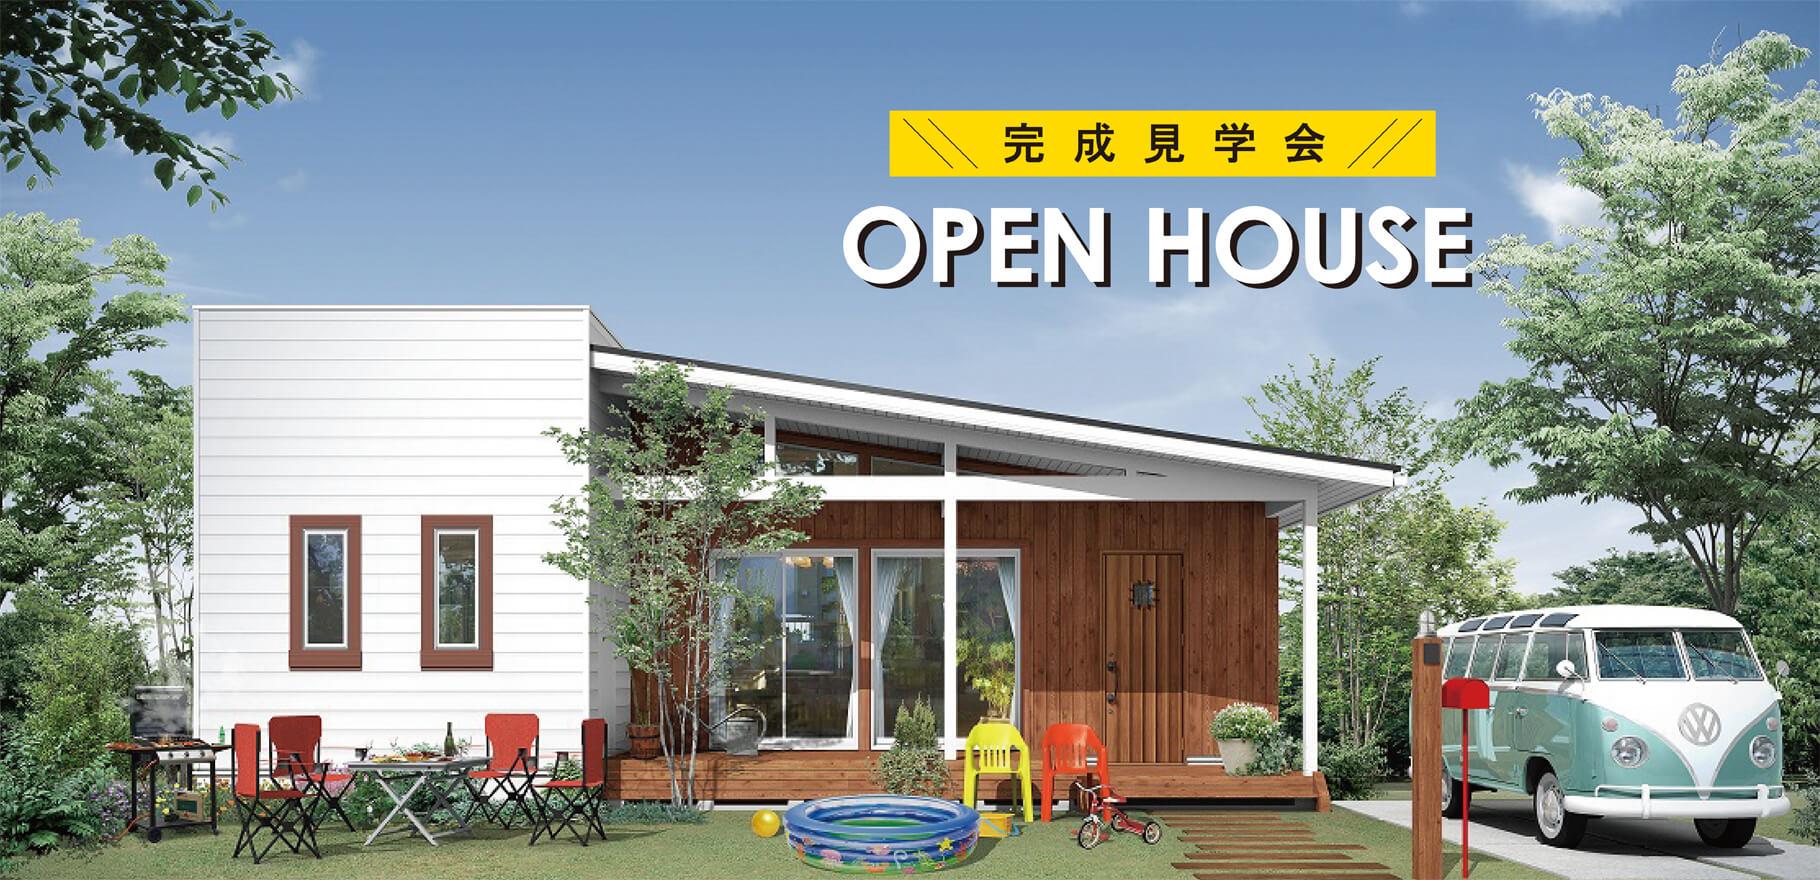 『完成見学会9/21.22』開催します!|トップページ動画|安水建設|愛知県三河エリアの木造注文住宅・リフォーム